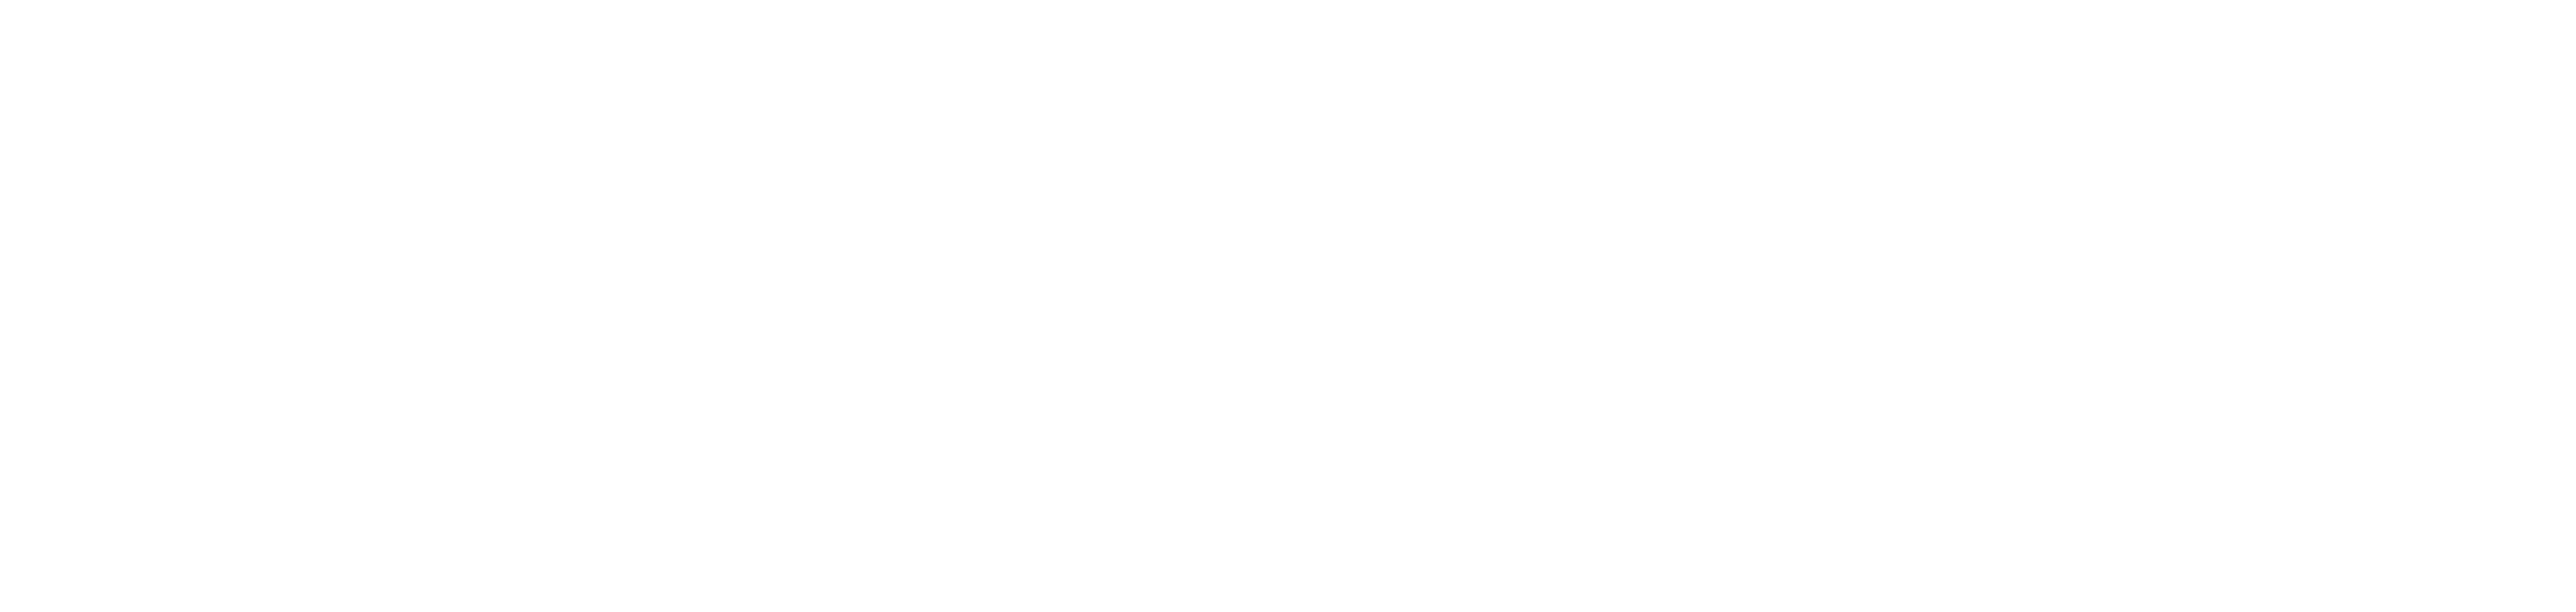 DJ C.Nile | Official Website